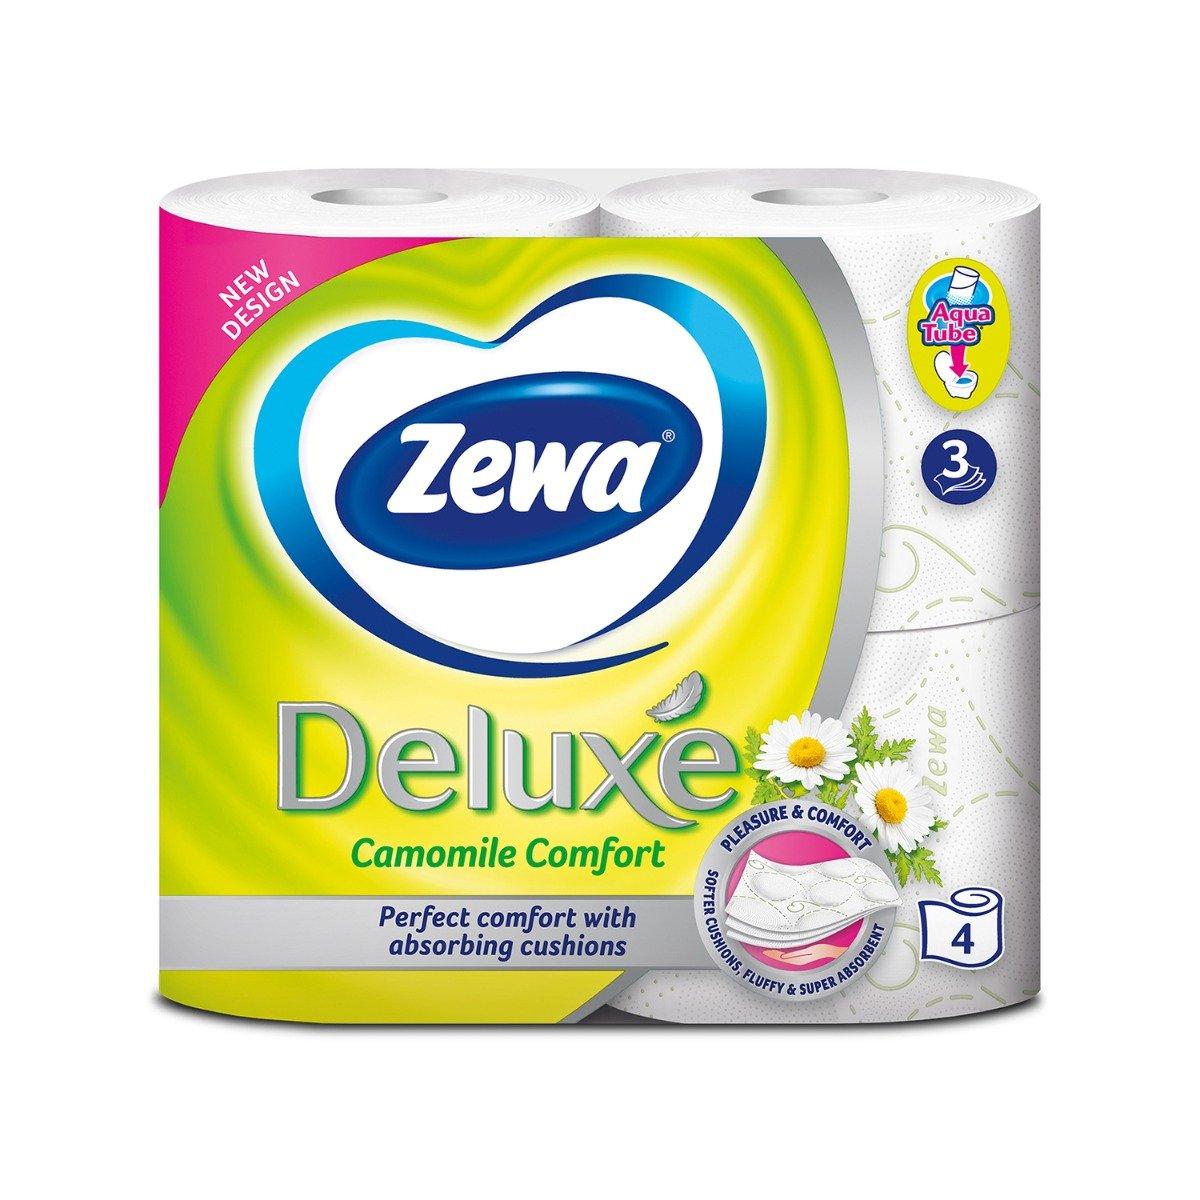 Hartie igienica Zewa Deluxe Camomile Comfort, 3 straturi, 4 role imagine 2021